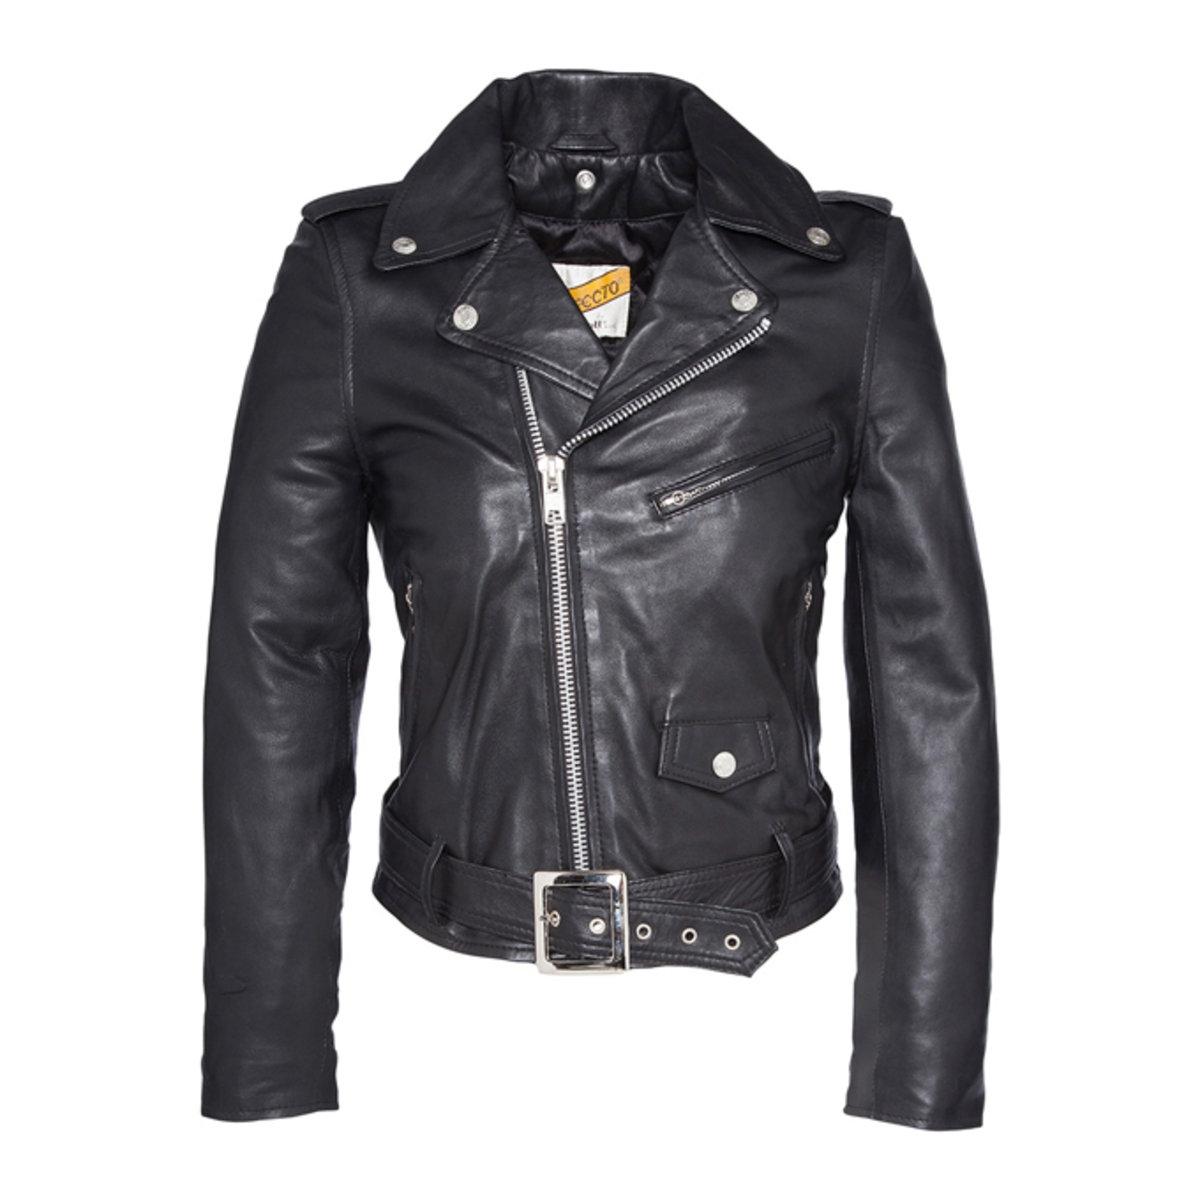 Куртка кожаная LCW 8600Описание:Детали •  Длина : укороченная •  Воротник-поло, рубашечный •  Застежка на молниюСостав и уход •  100% кожа •  Подкладка : 100% полиэстер •  Следуйте советам по уходу, указанным на этикетке<br><br>Цвет: черный<br>Размер: S